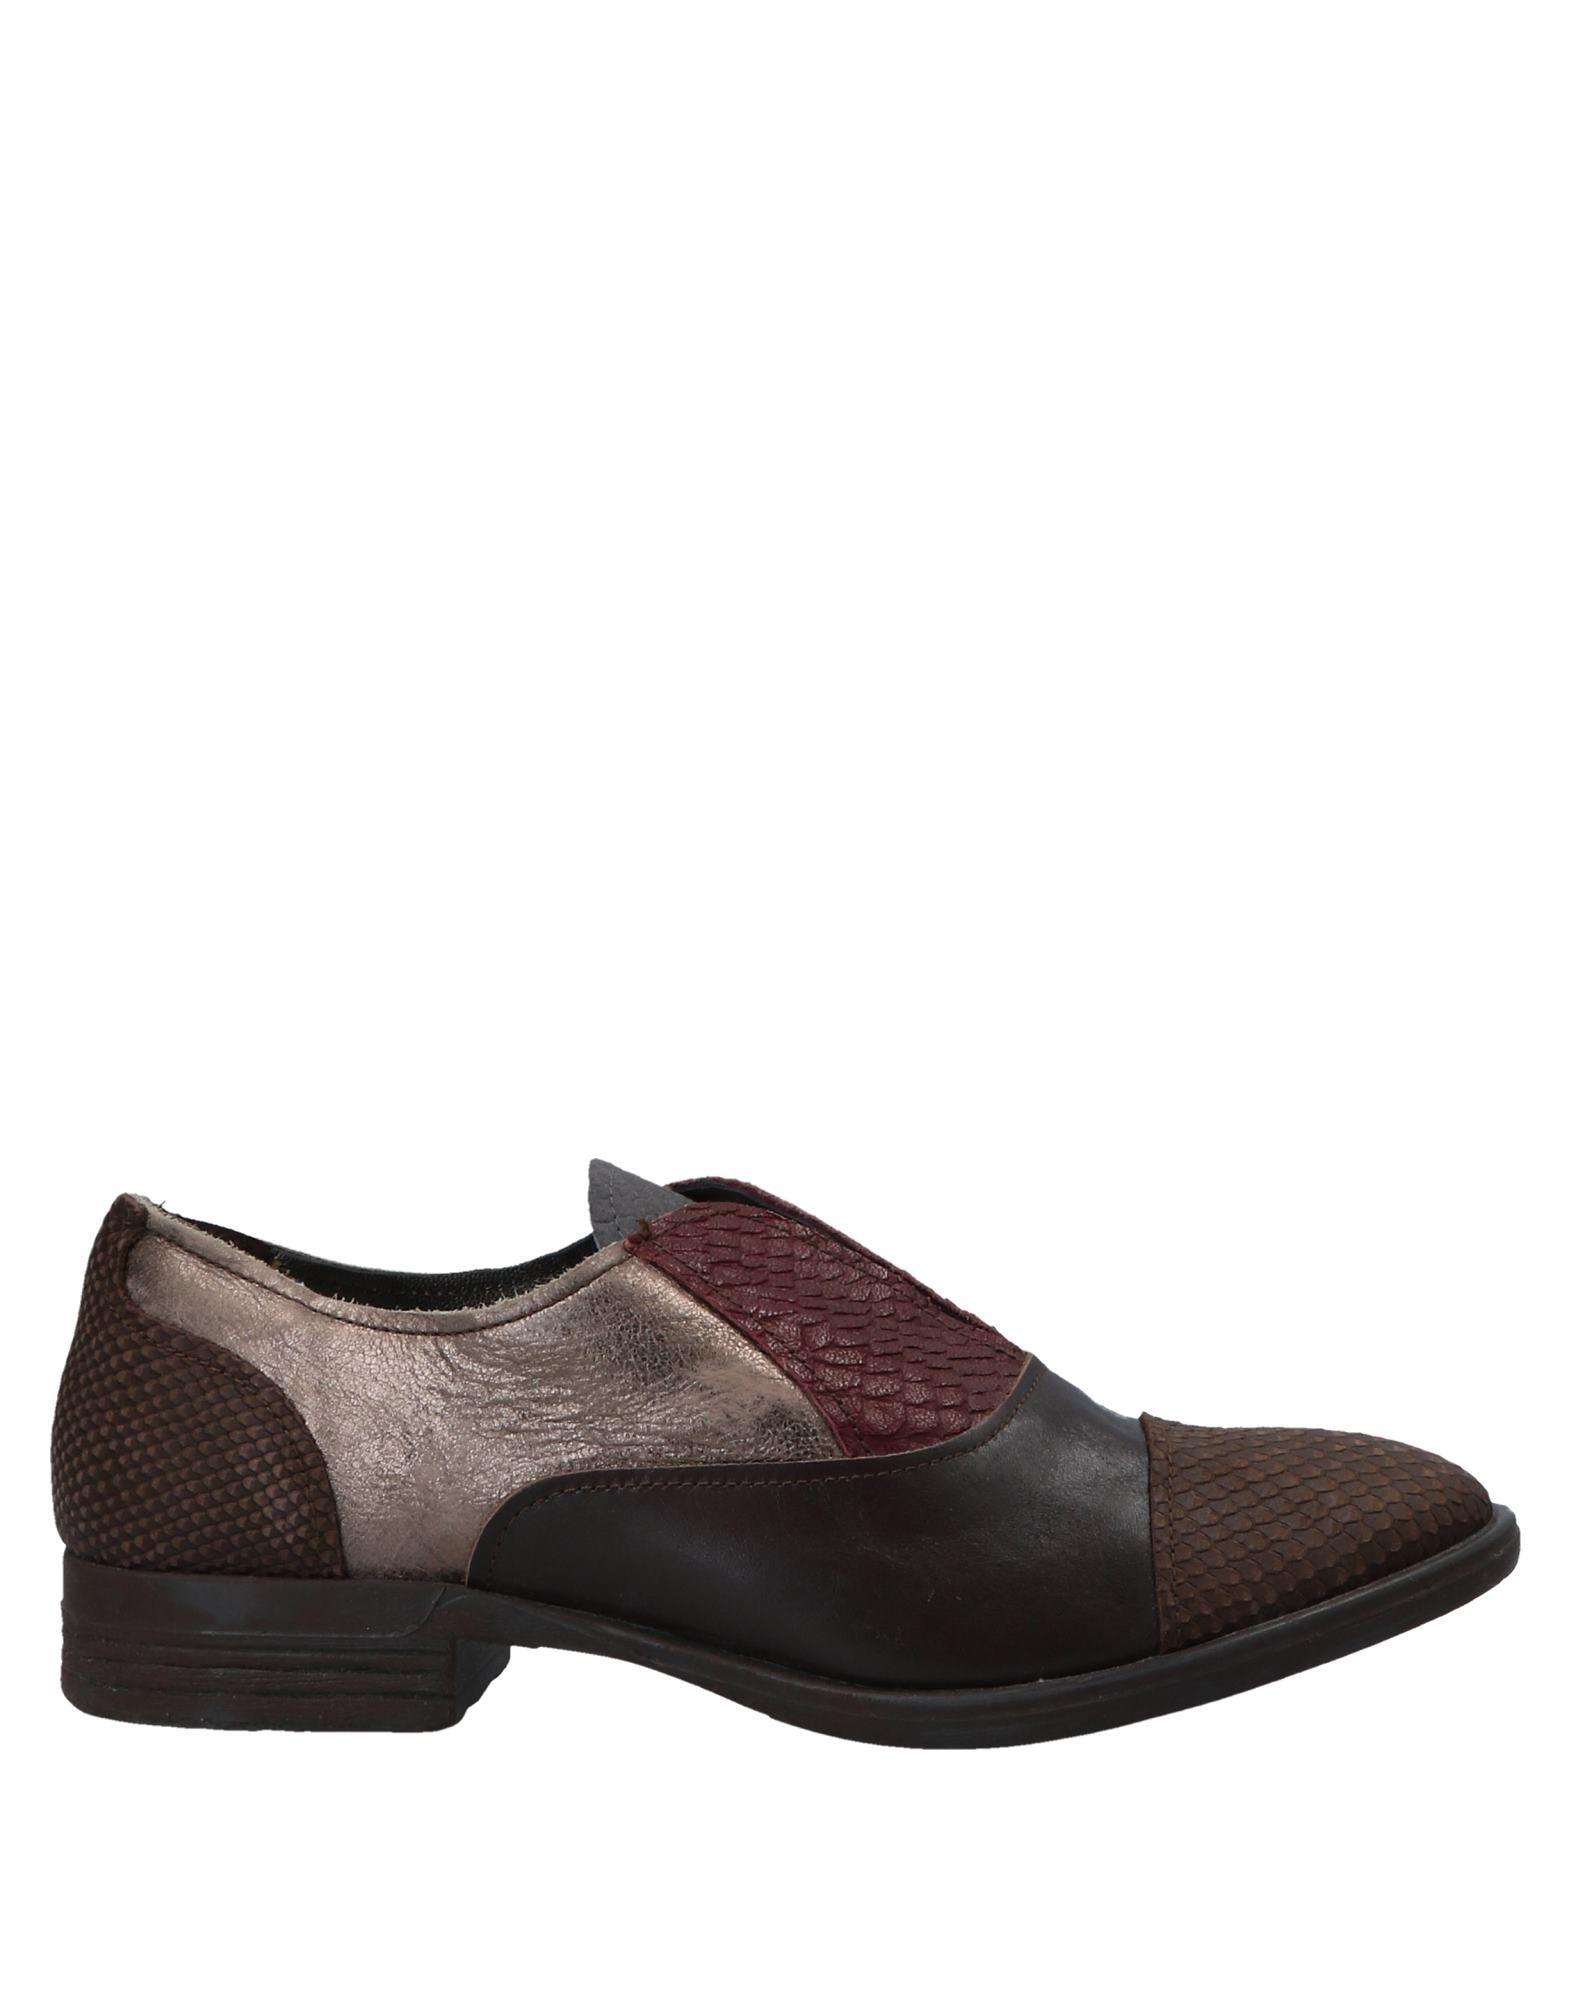 Ebarrito 11551833XR Mokassins Damen  11551833XR Ebarrito Gute Qualität beliebte Schuhe 969cb3